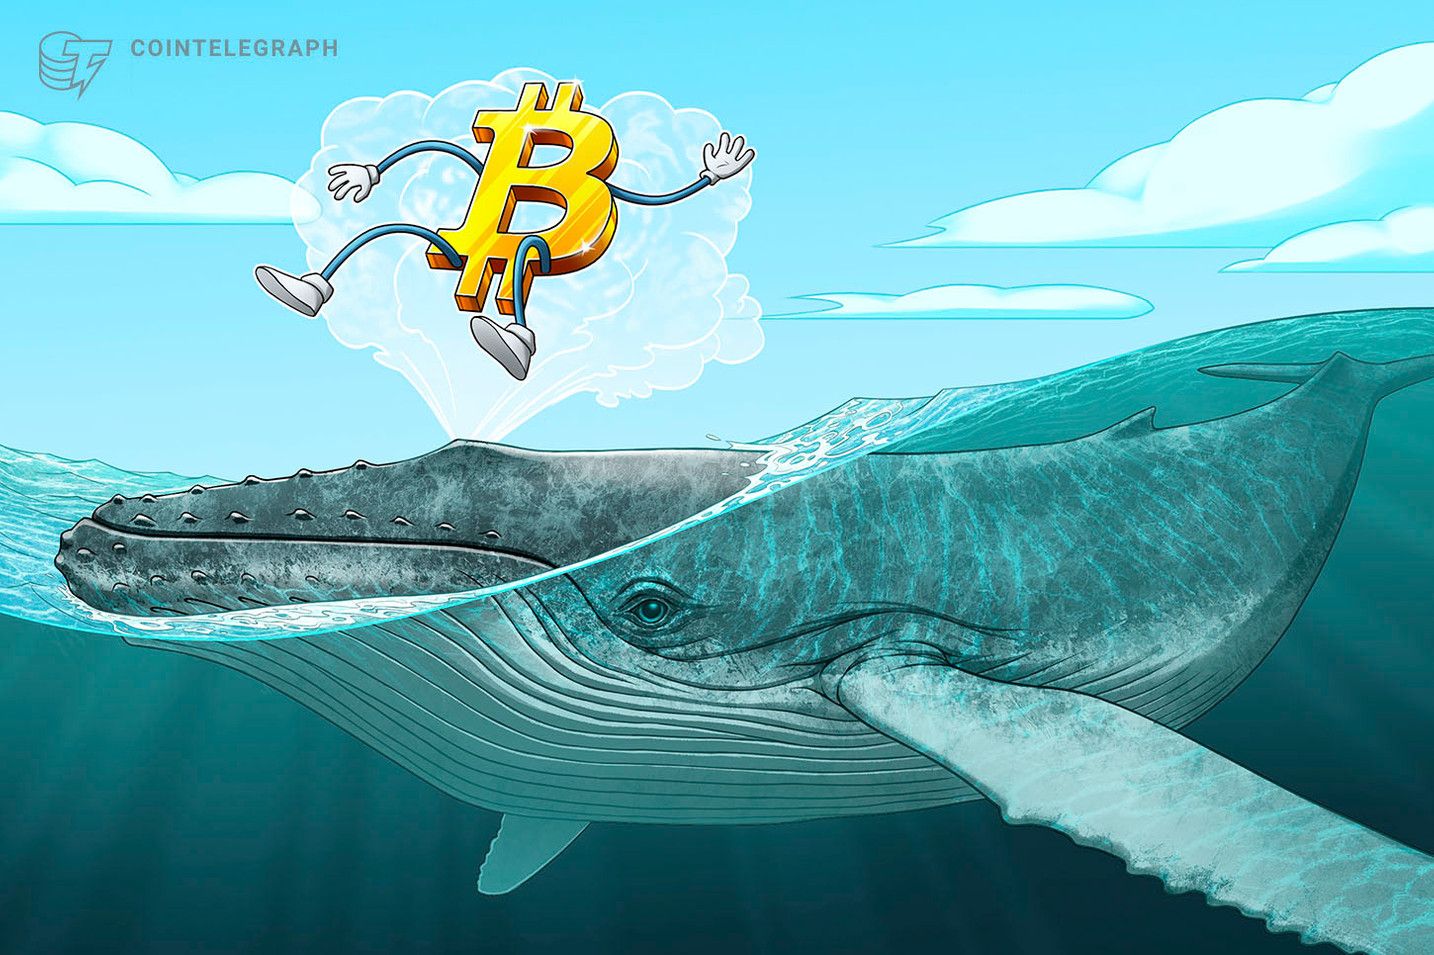 Bitcoin: i cluster di whale segnalano livelli critici da proteggere per continuare il rialzo